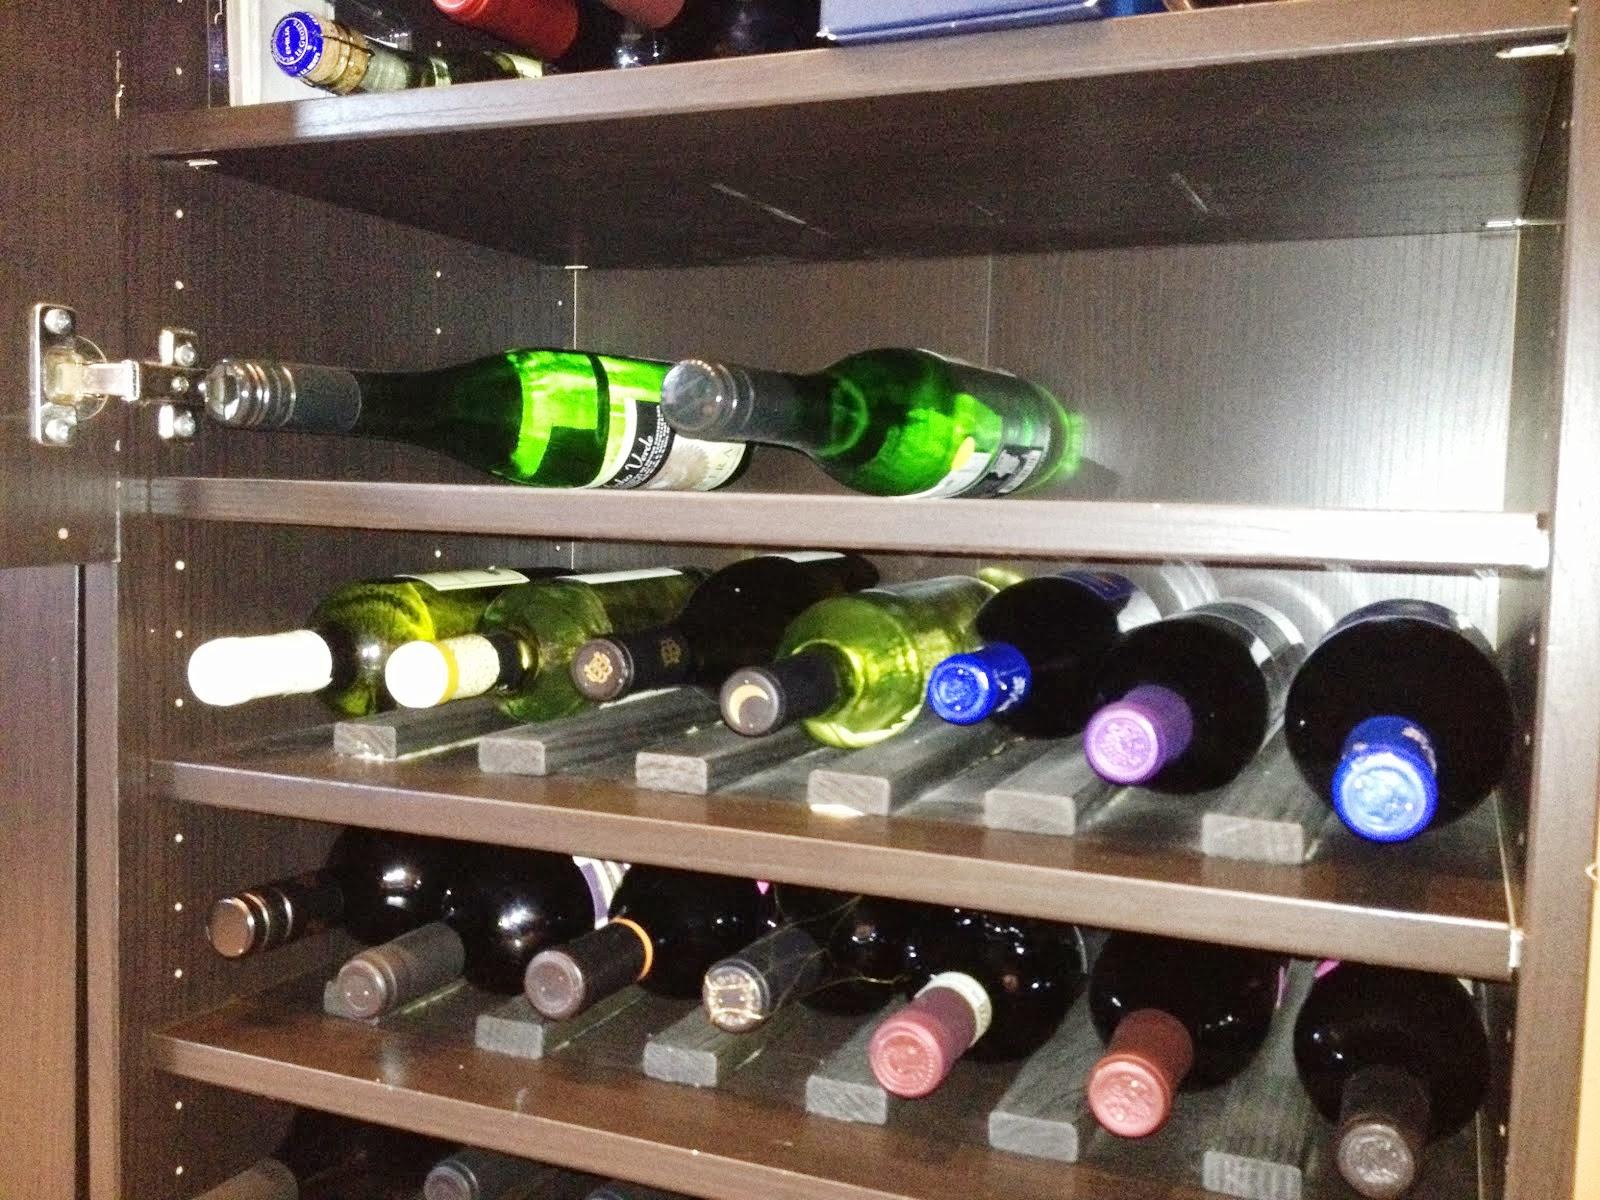 Besta Wine Rack And Liquor Cabinet Ikea Hackers